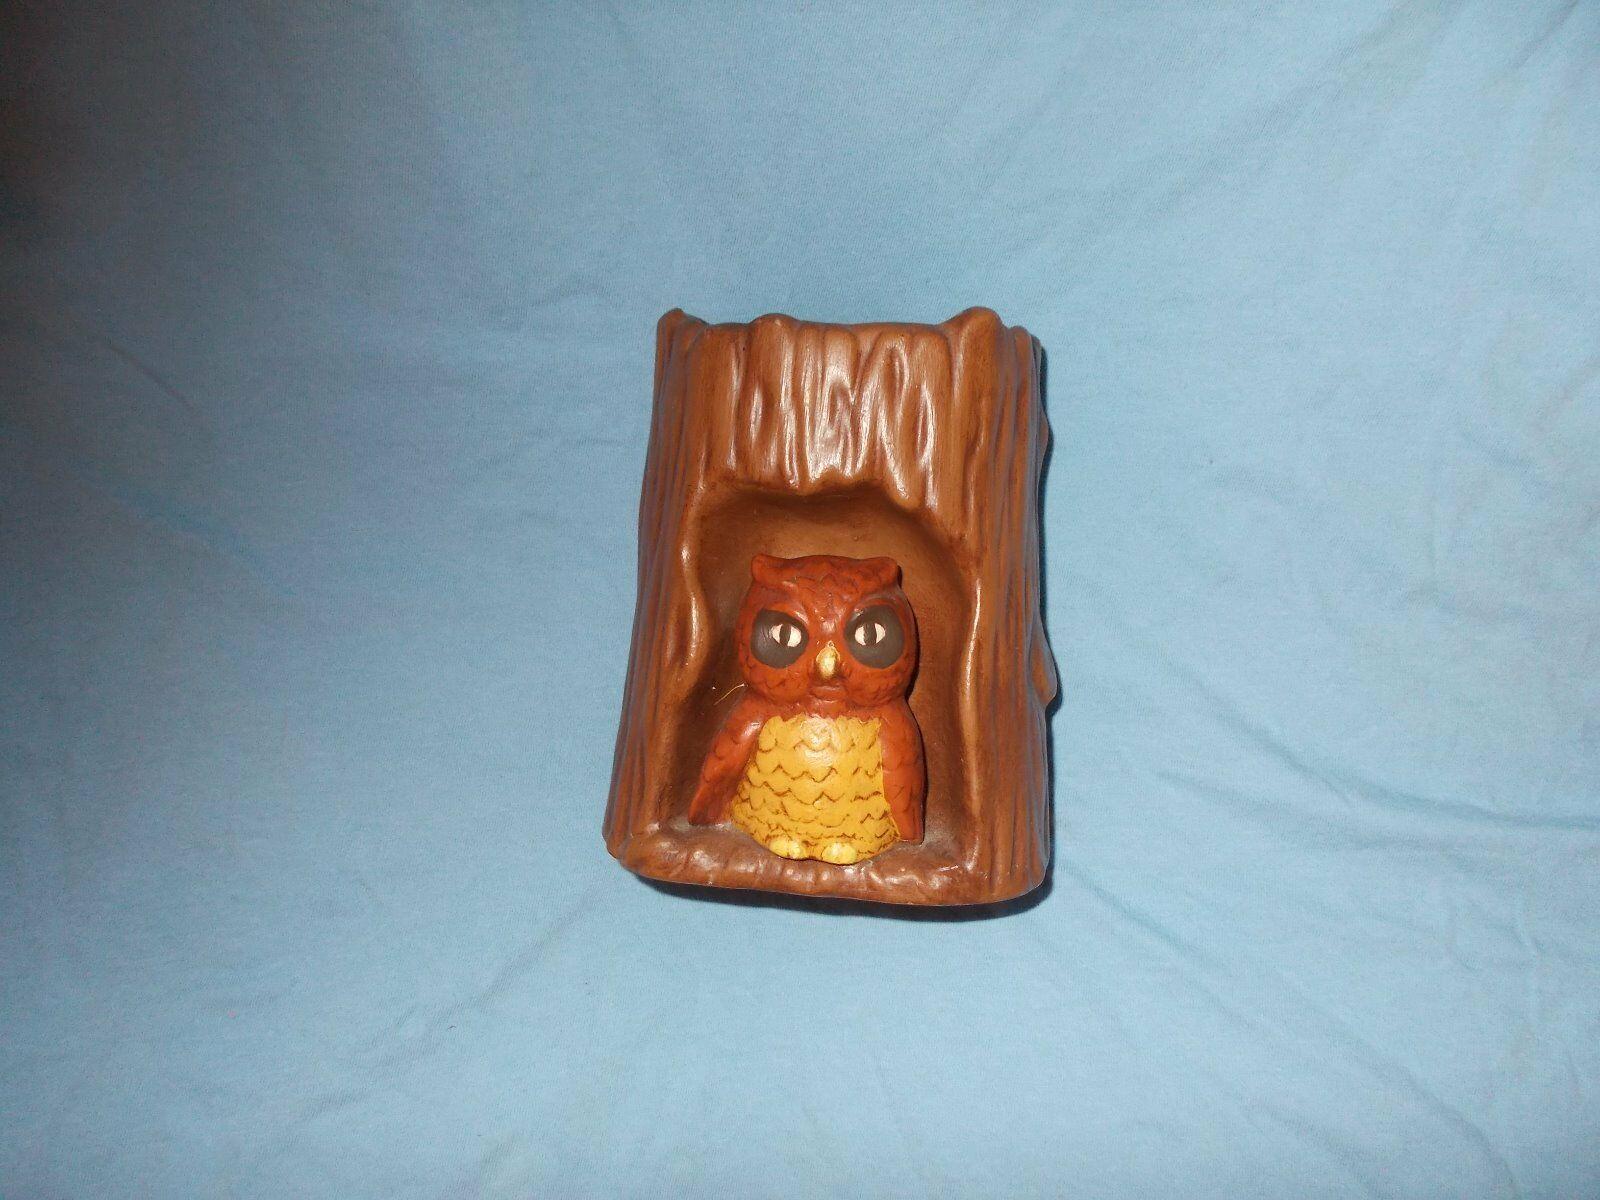 OWL FIGURINE MID-CENTURY FOR KITCHEN - DESK - UTENSIL HOLDER OWL SITTING IN LOG